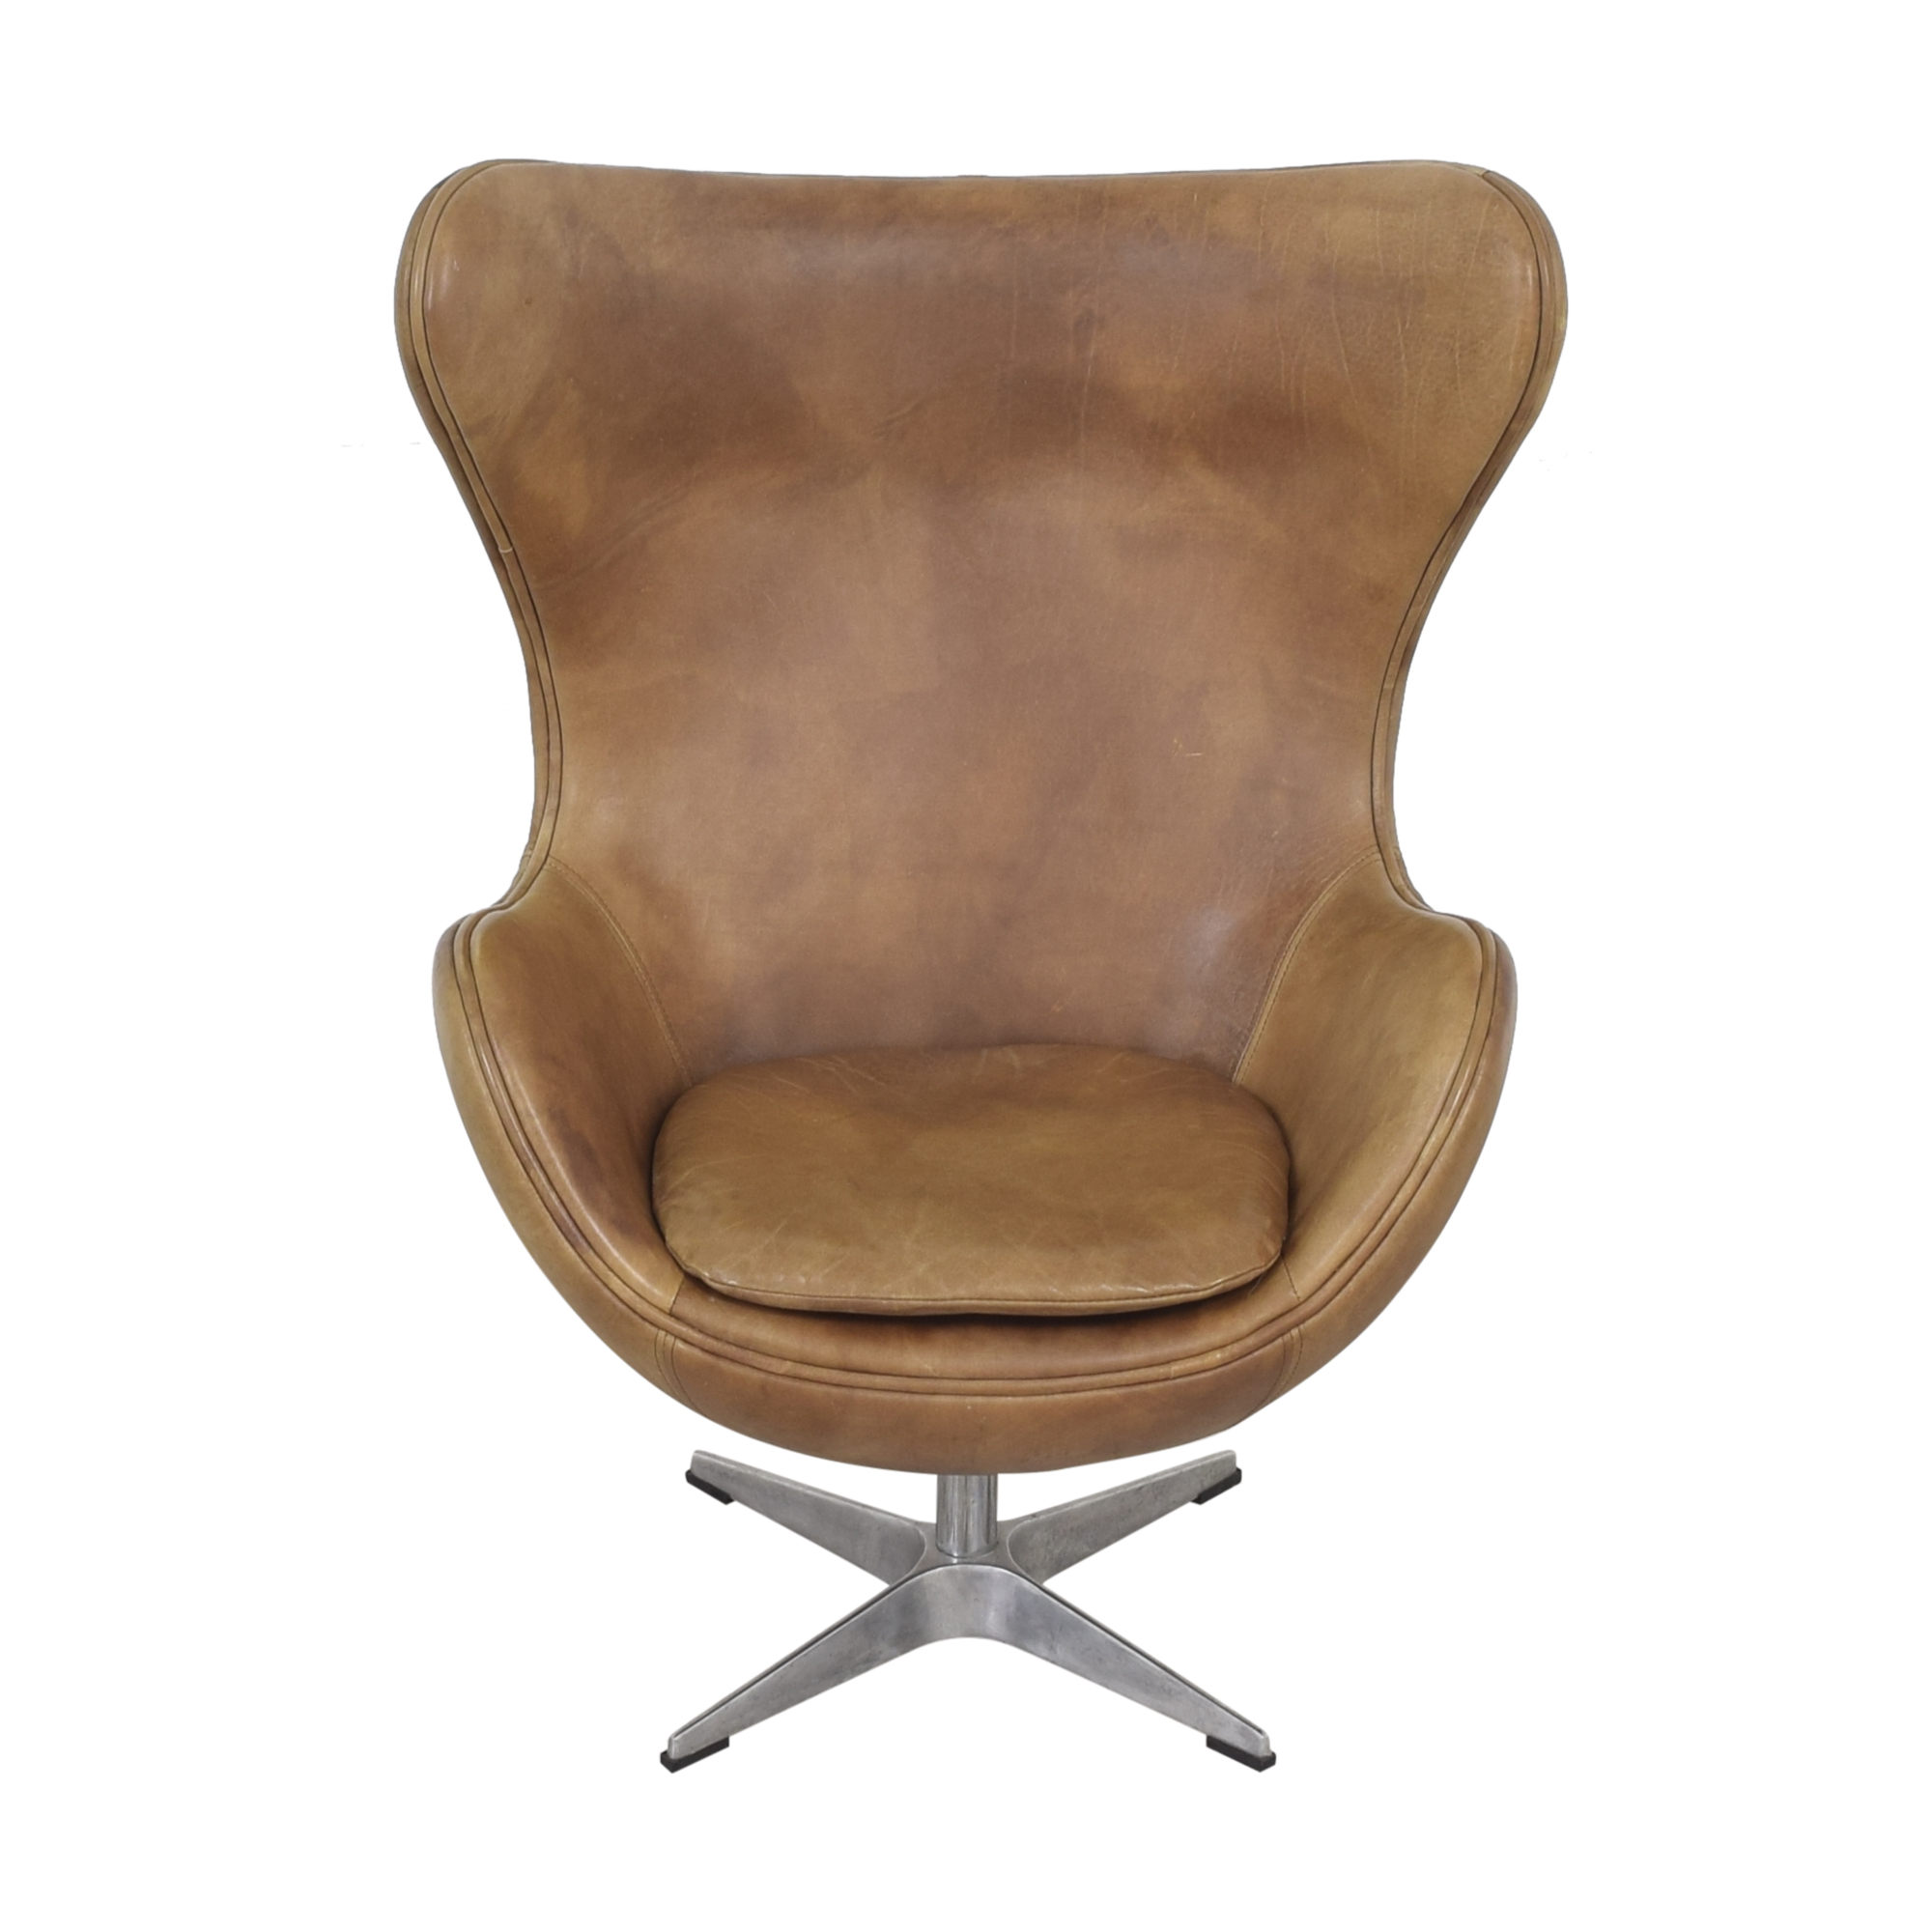 Restoration Hardware 1950s Copenhagen Chair / Accent Chairs